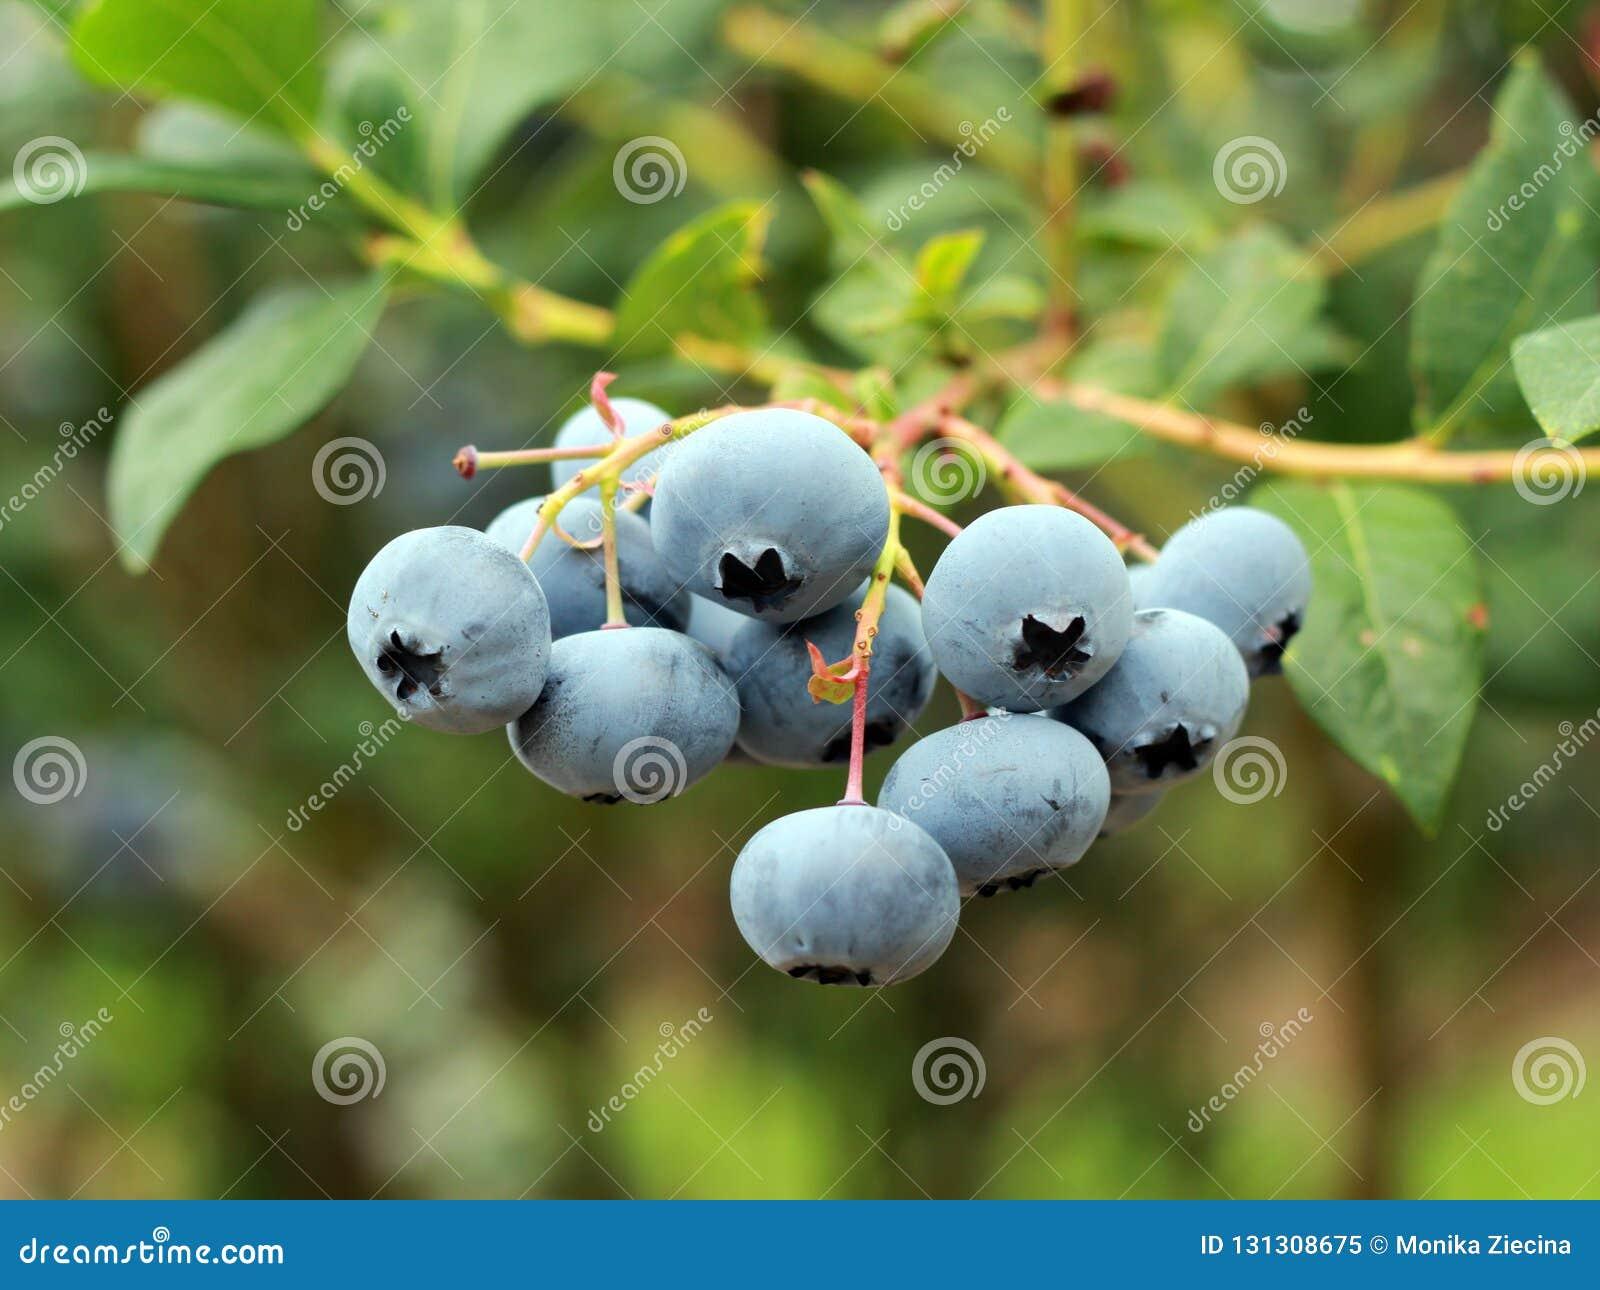 Fruits Of Highbush Blueberry In Plantation Stock Image